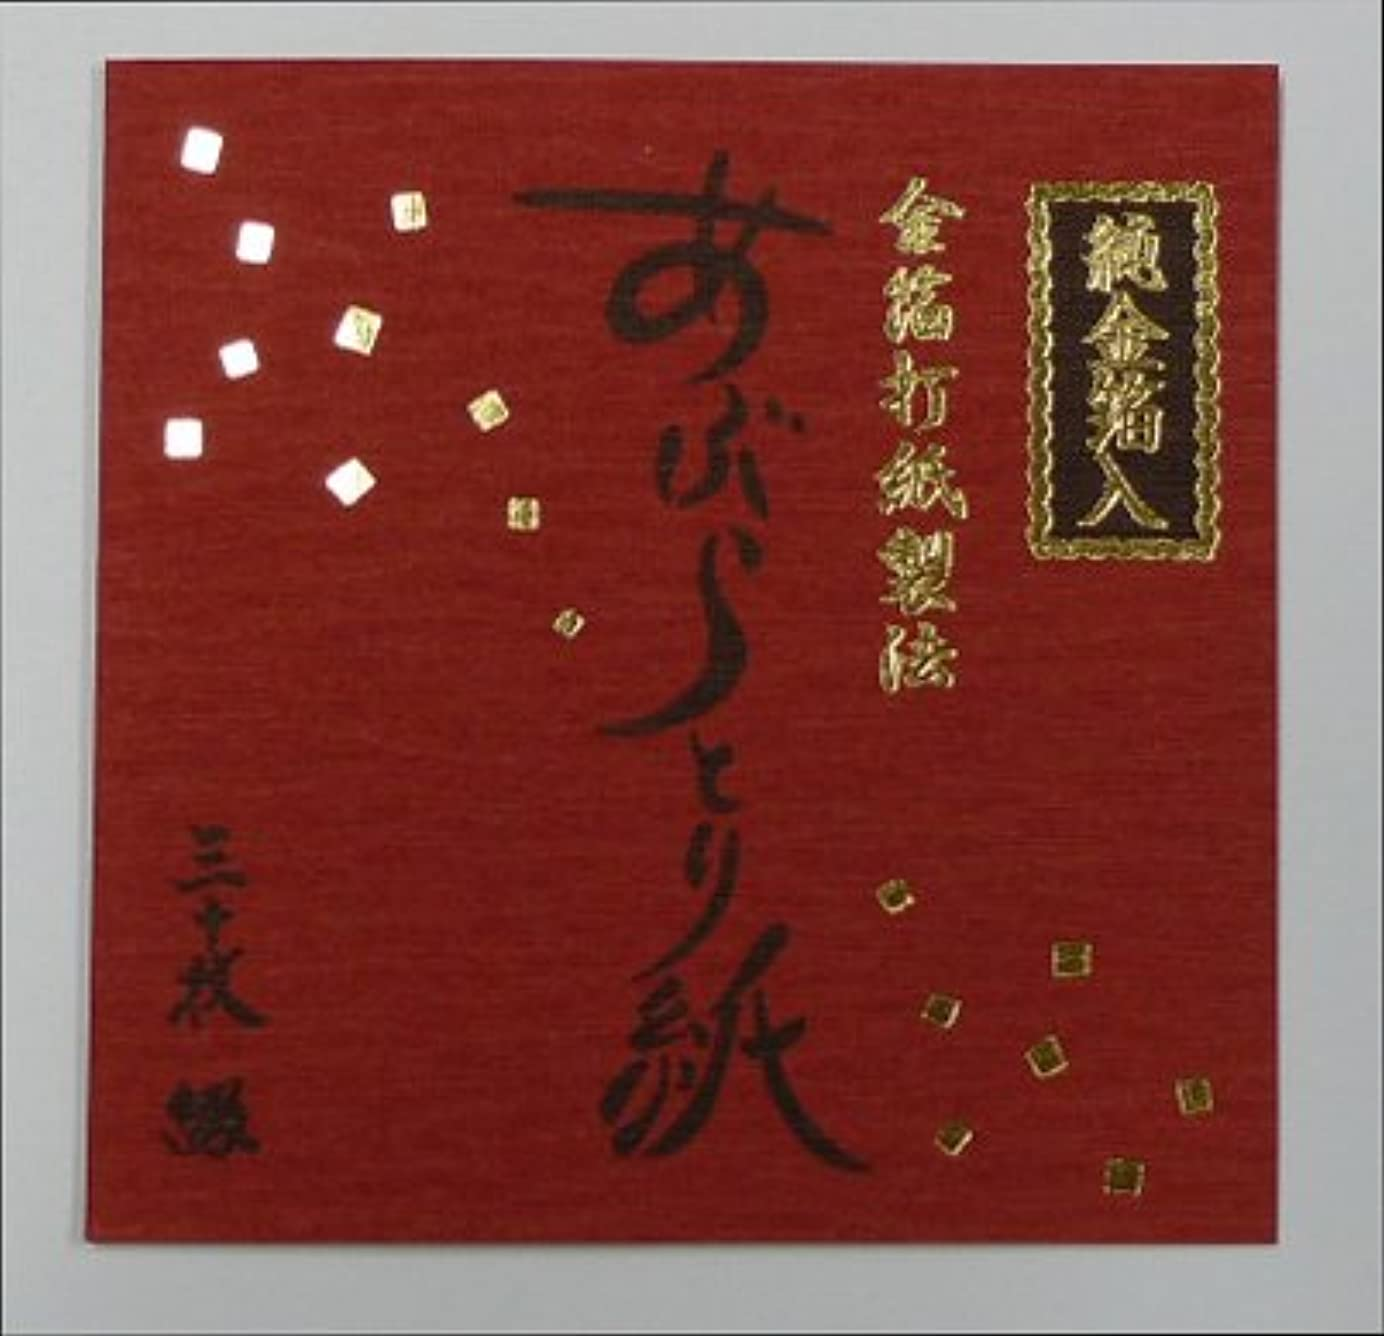 衰えるピラミッド統合する金沢の金箔やさんがつくった金箔打紙製法『あぶらとり紙』30枚綴り【純金箔入】